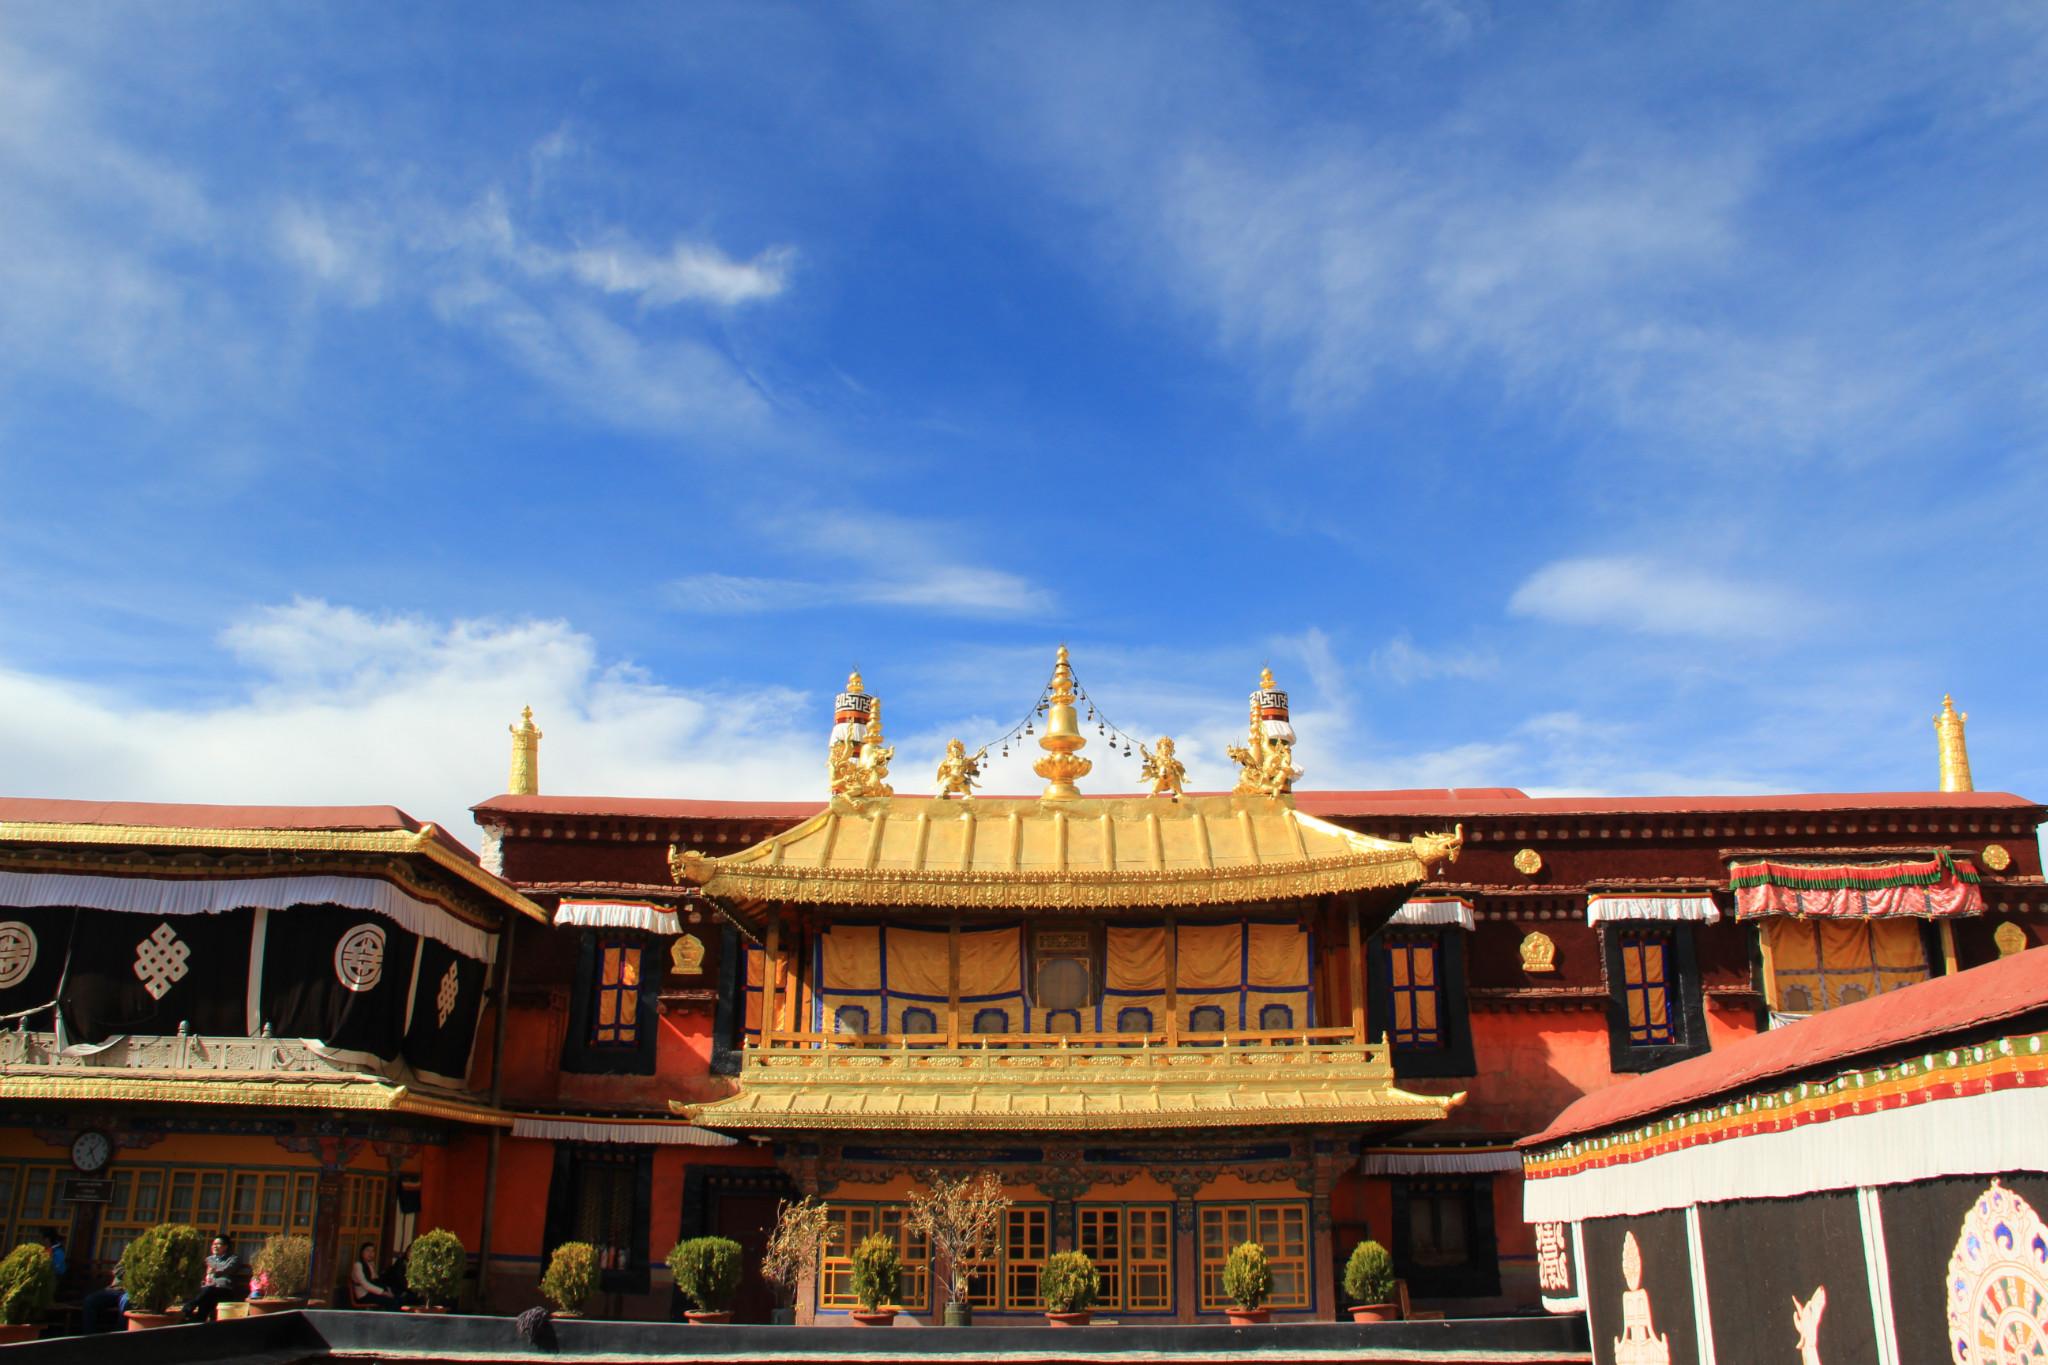 进藏首选、拉萨、林芝、巴松措、羊湖9日卧飞跟团游赠6大特色美食,1晚宿鲁朗国际小镇